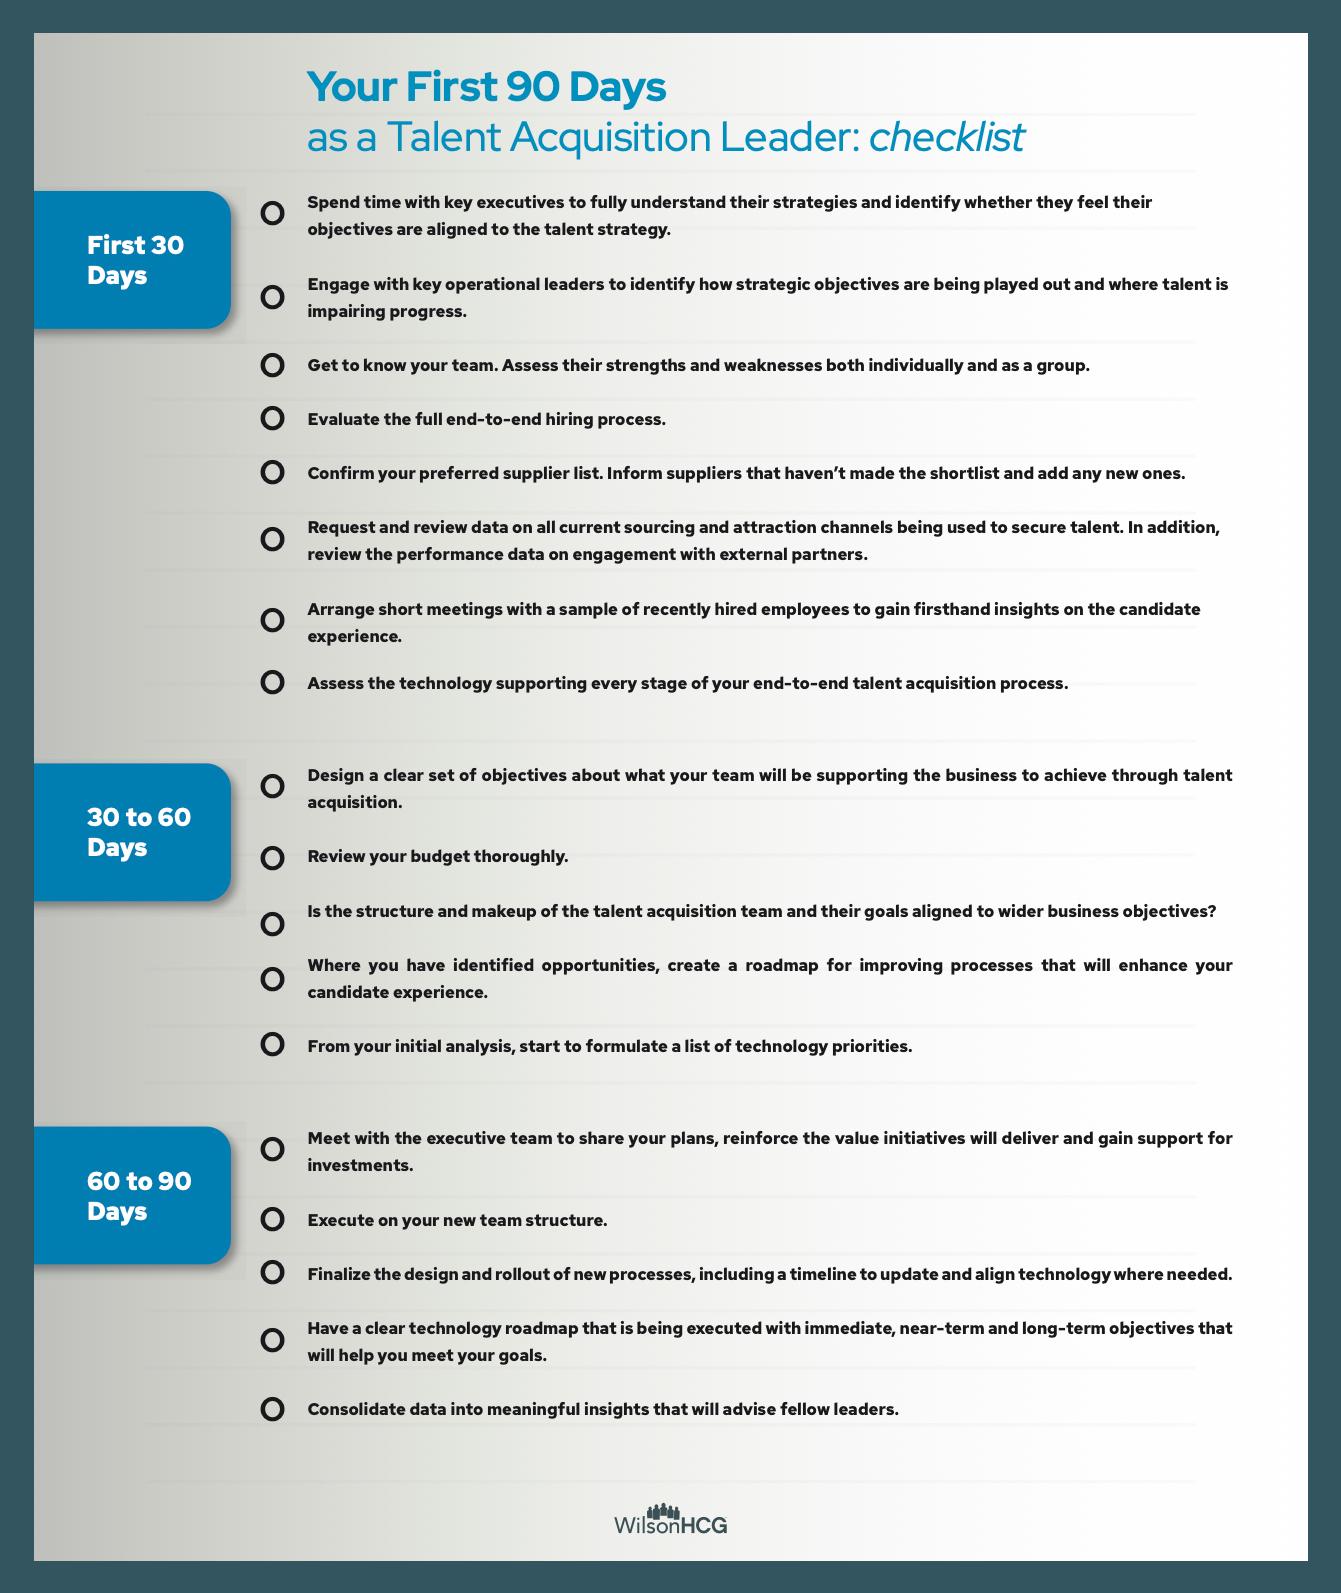 First90DaysAsATalentLeader-Checklist